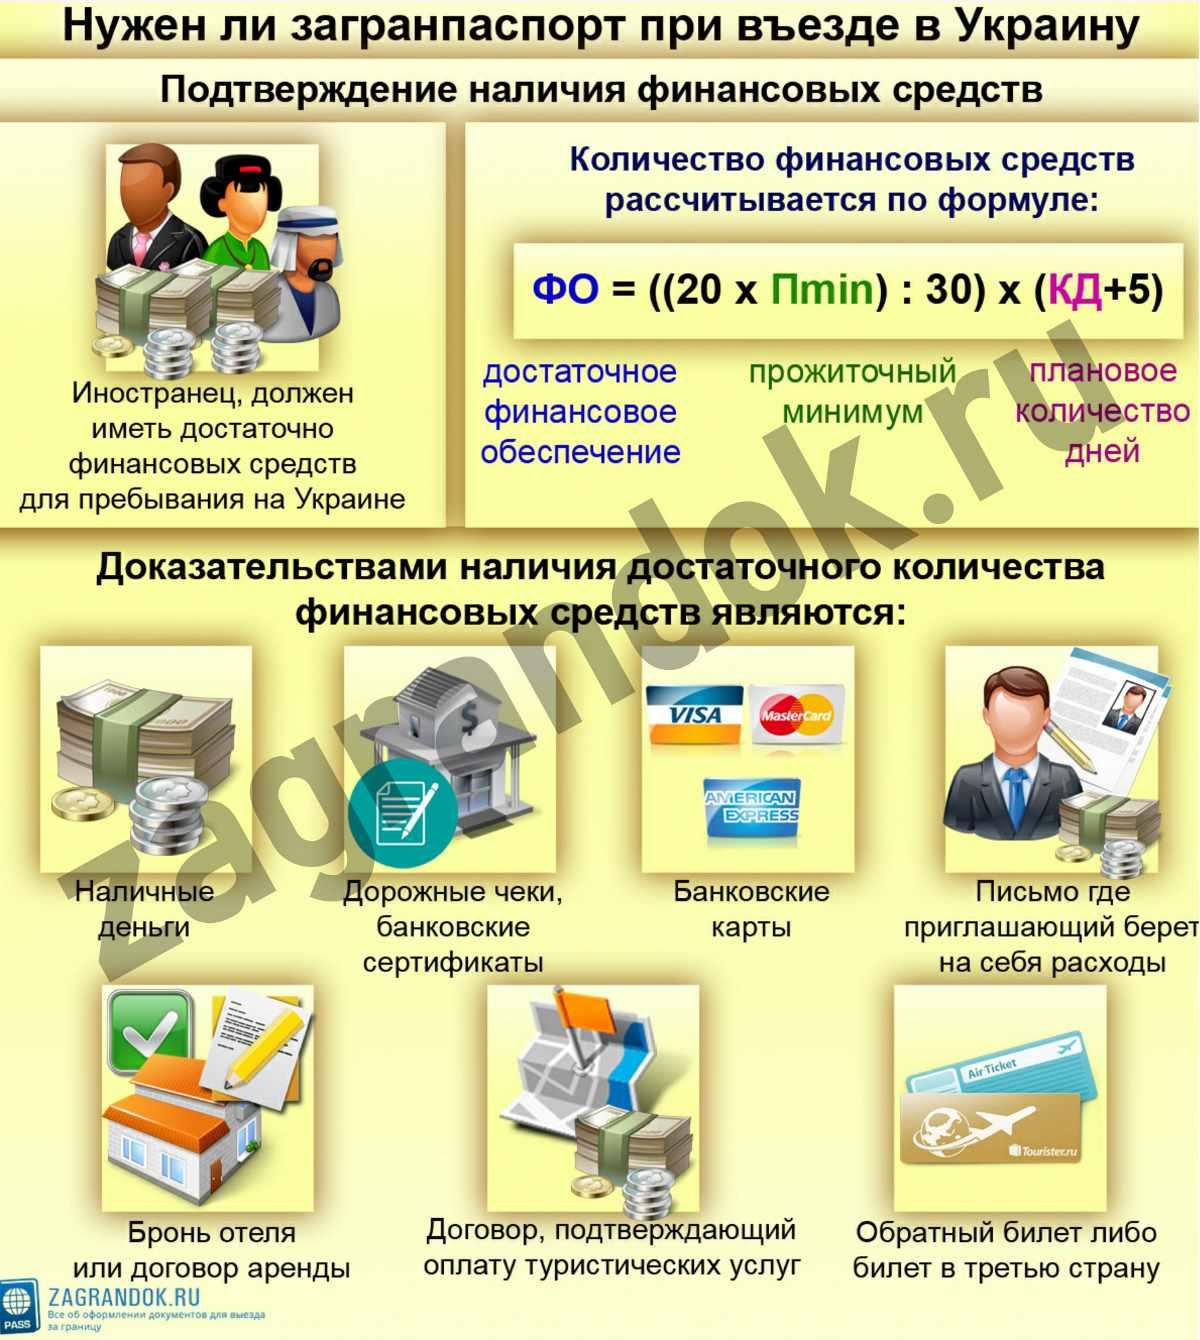 Нужен ли загранпаспорт при въезде в Украину